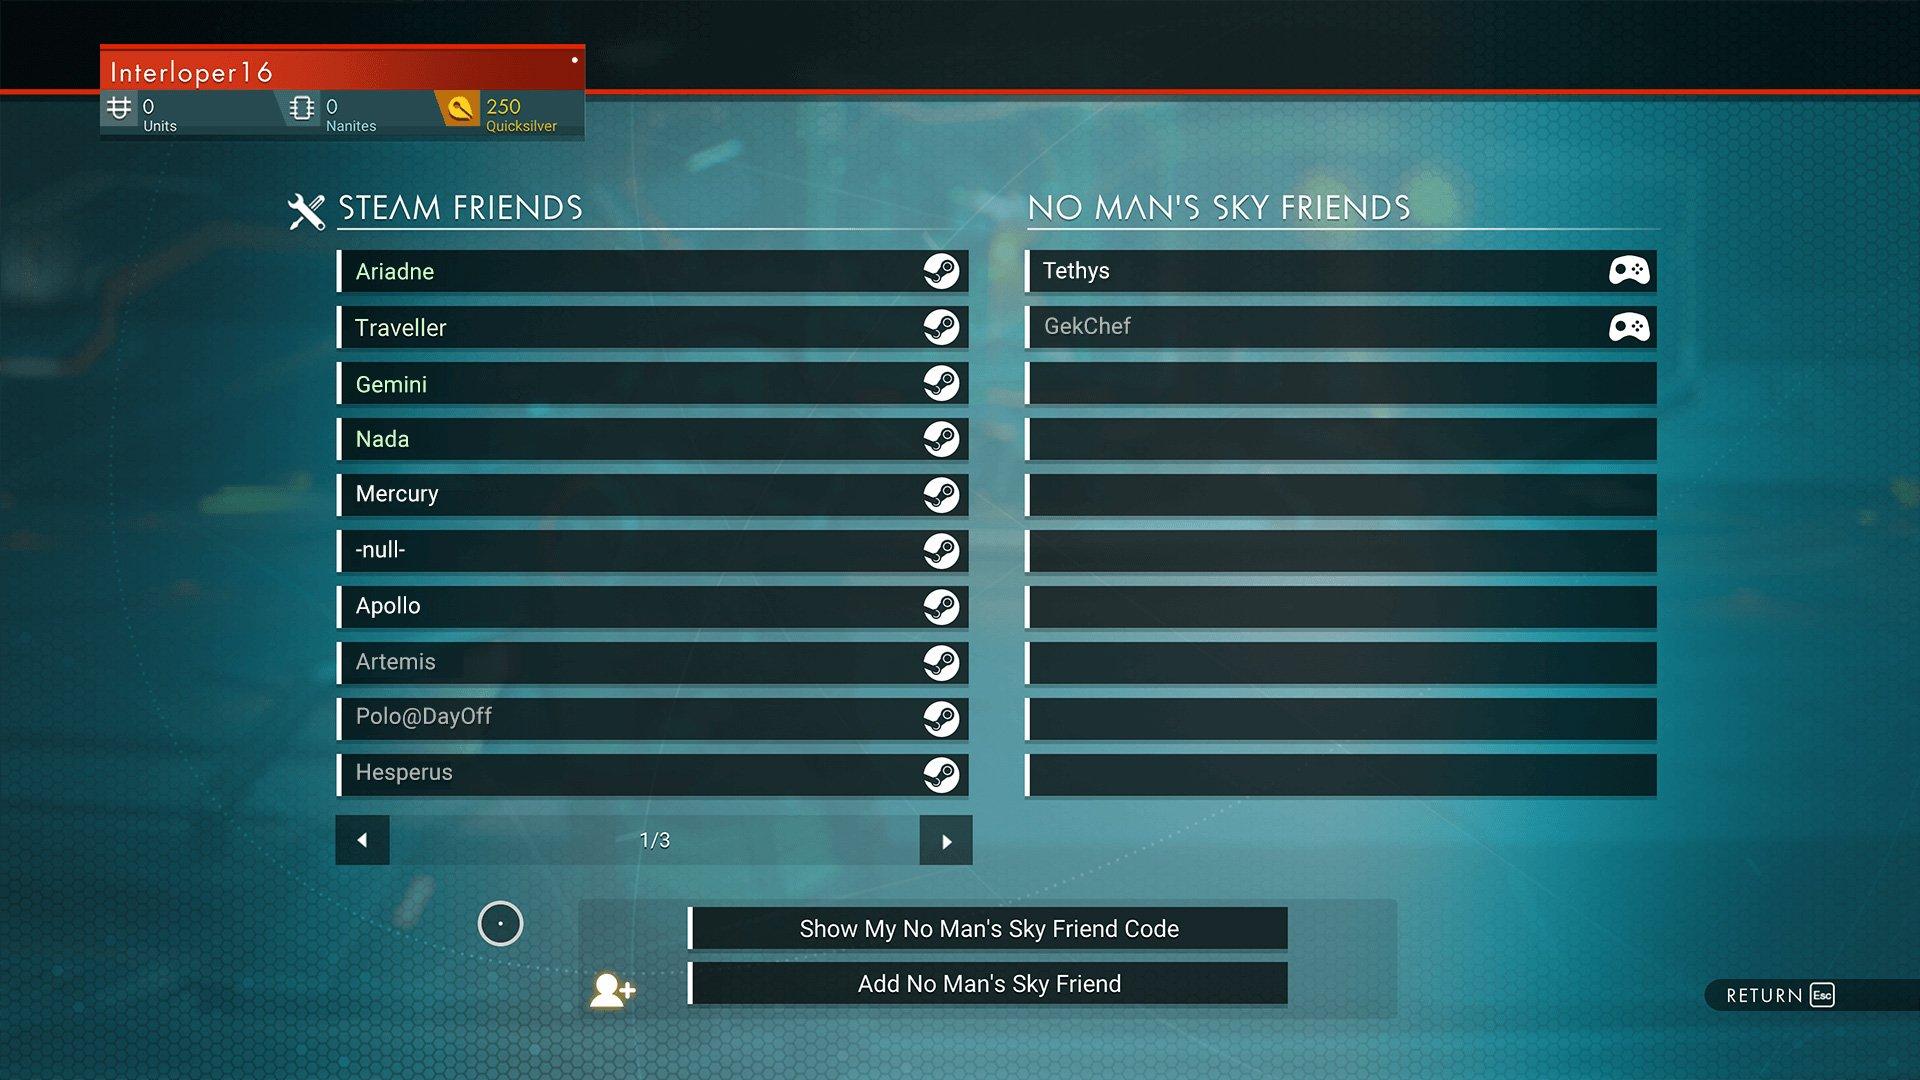 No Man's Sky Friends list